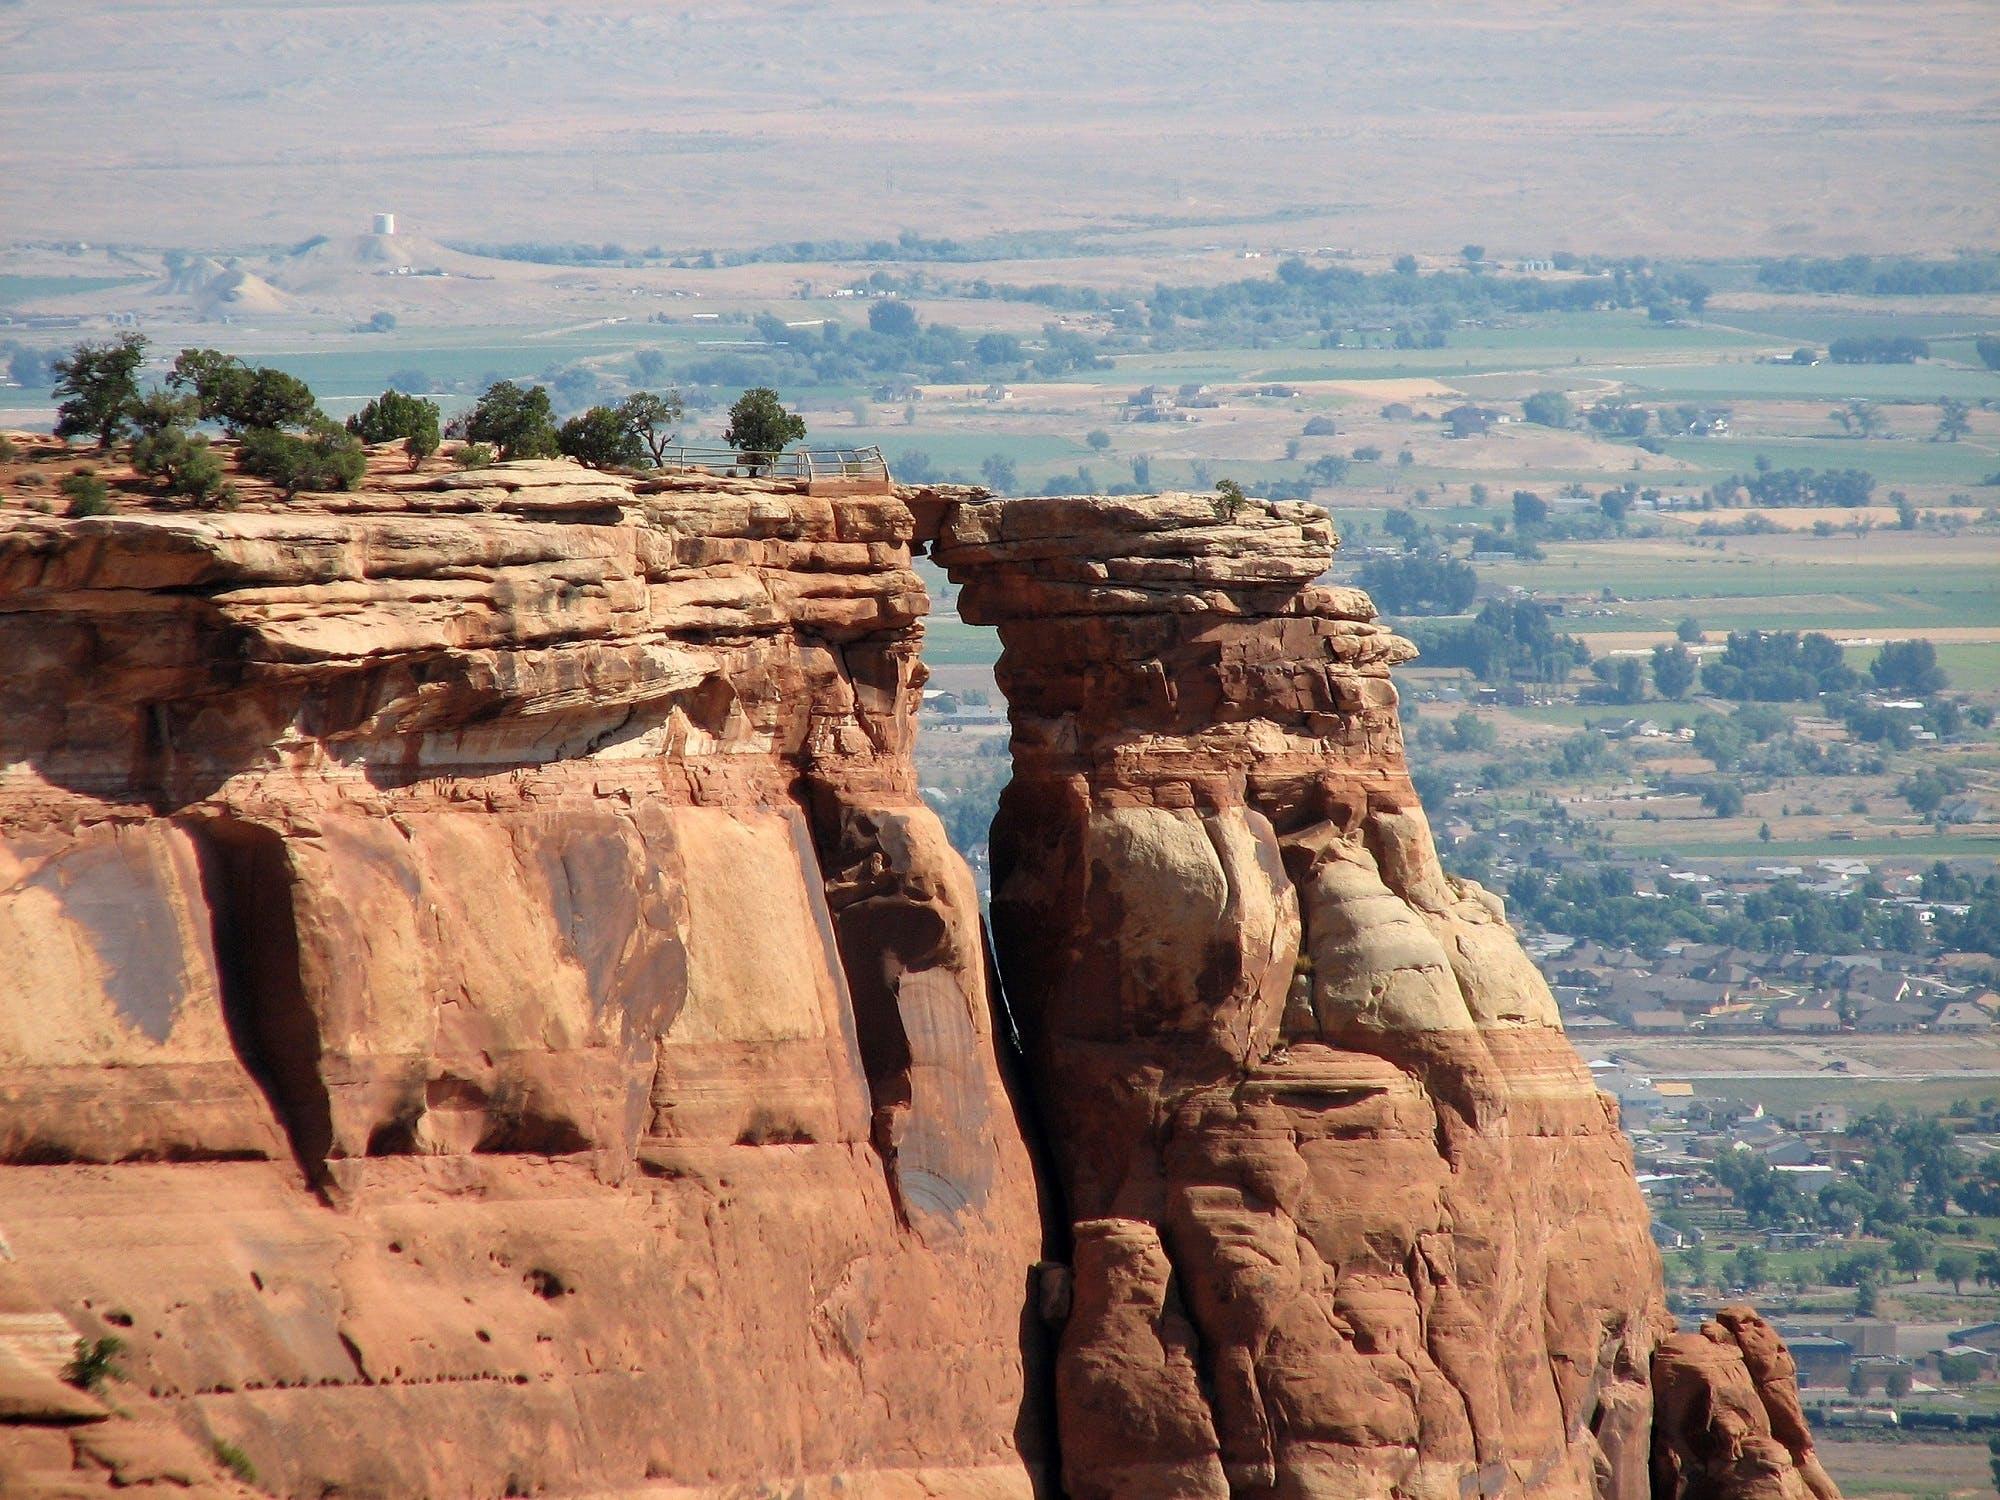 çöl, kum taşı, manzara, manzaralı içeren Ücretsiz stok fotoğraf